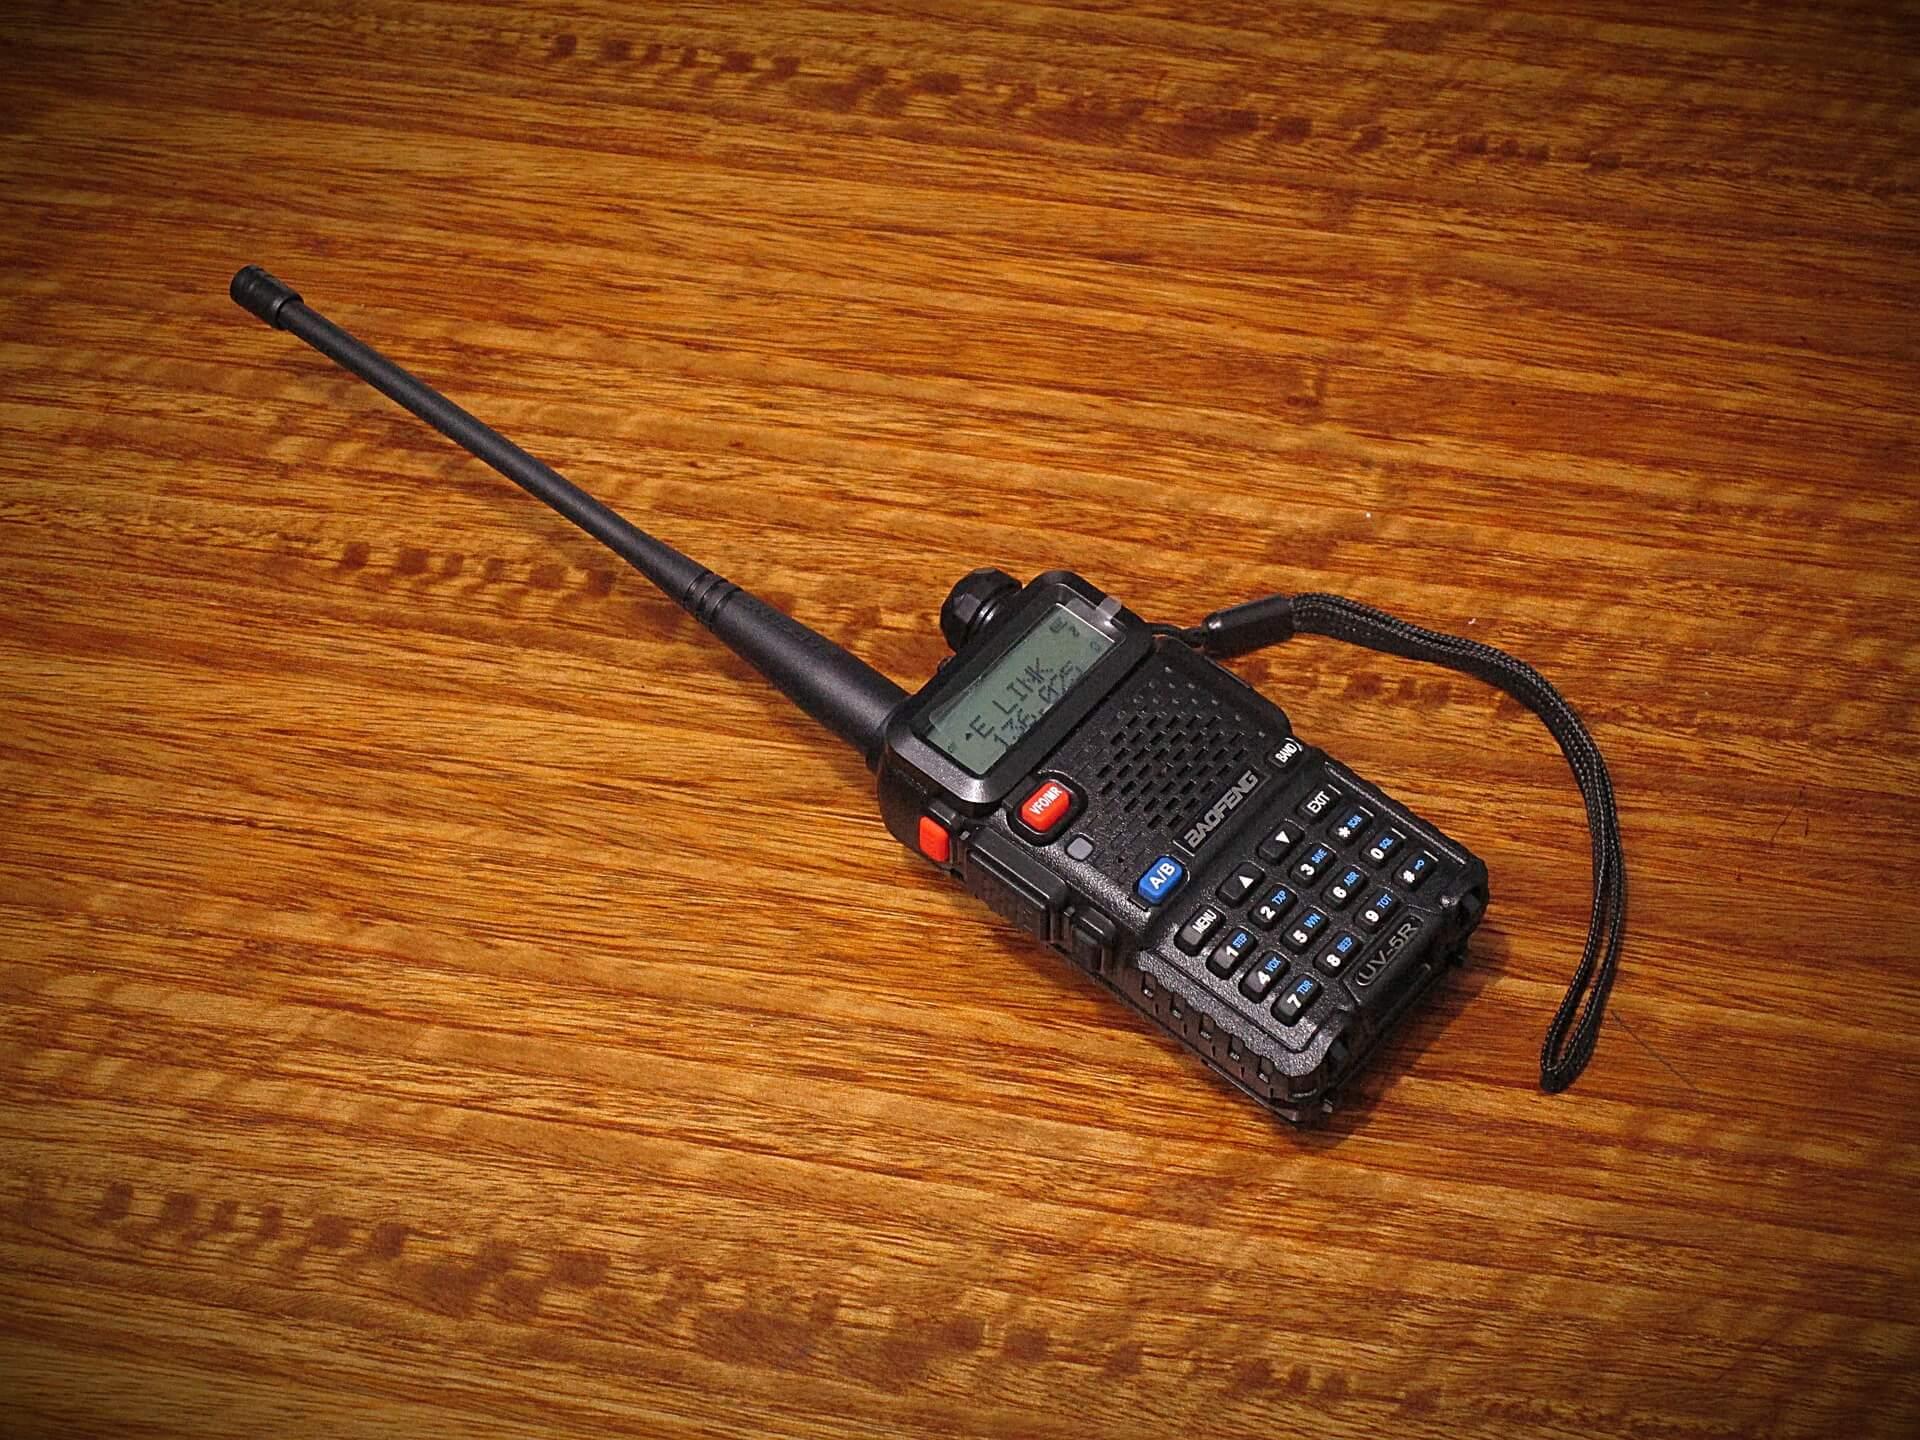 radio-in-september-1224722_1920